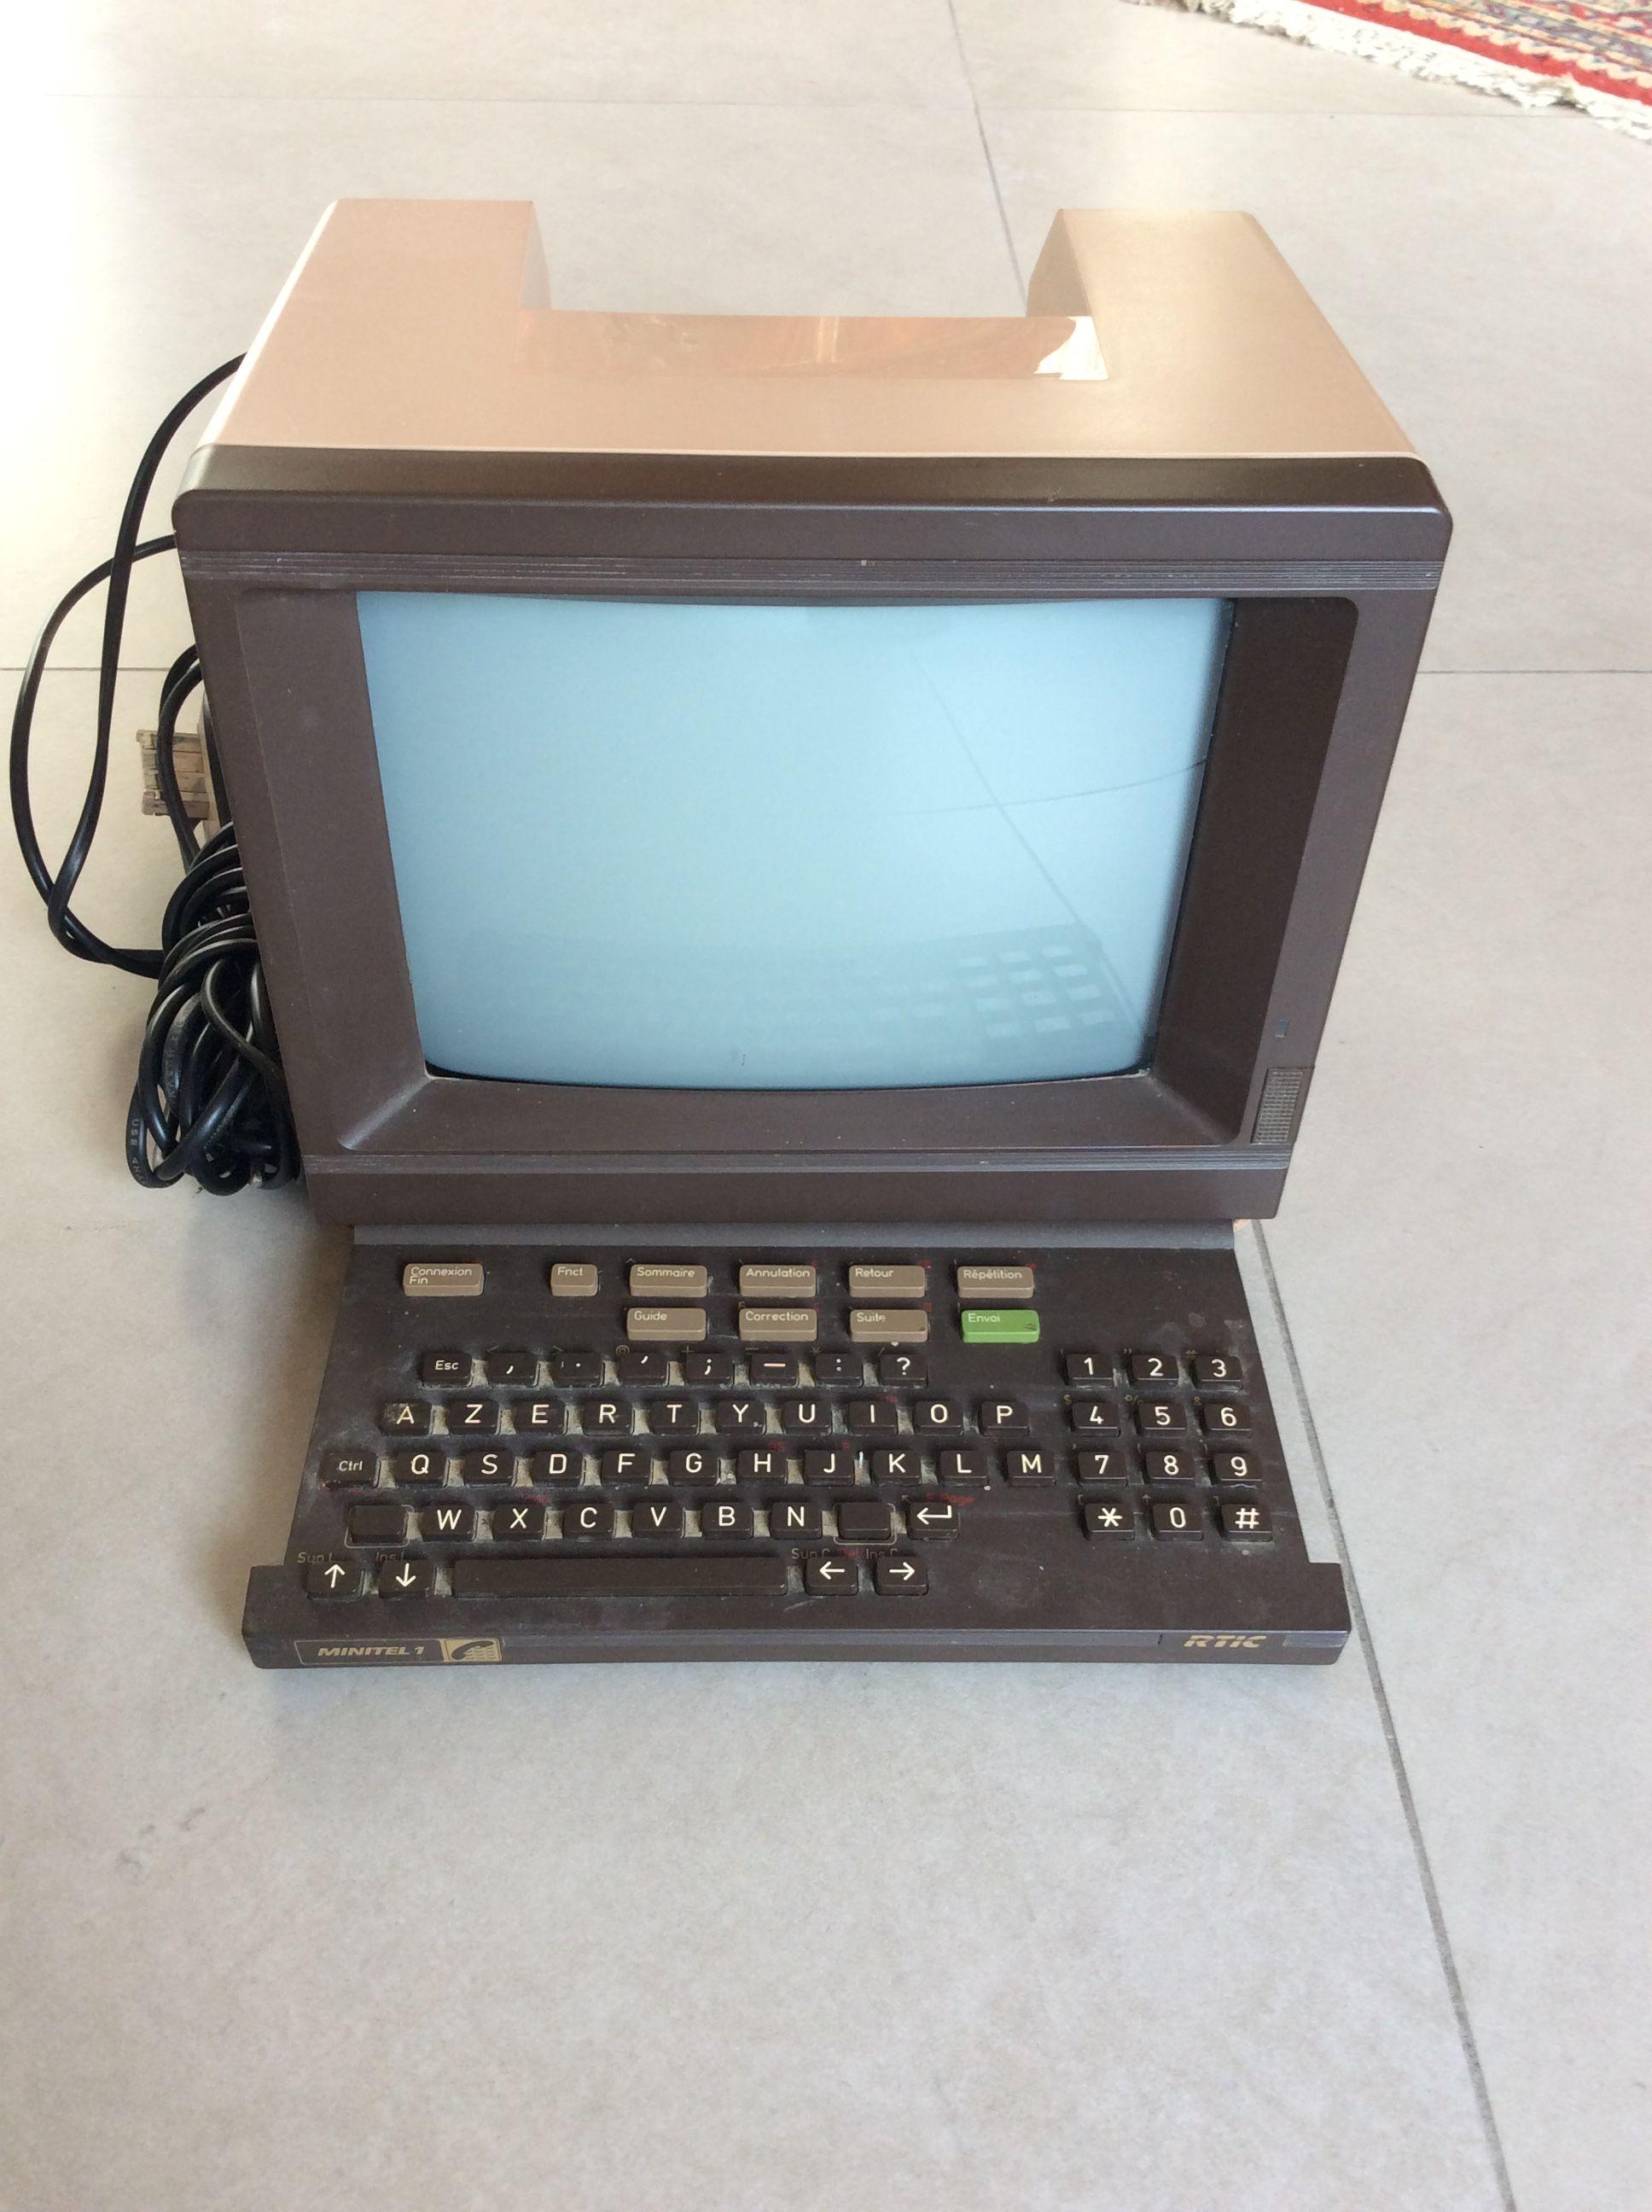 Ancien Minitel9NFZ 330de France Telecom